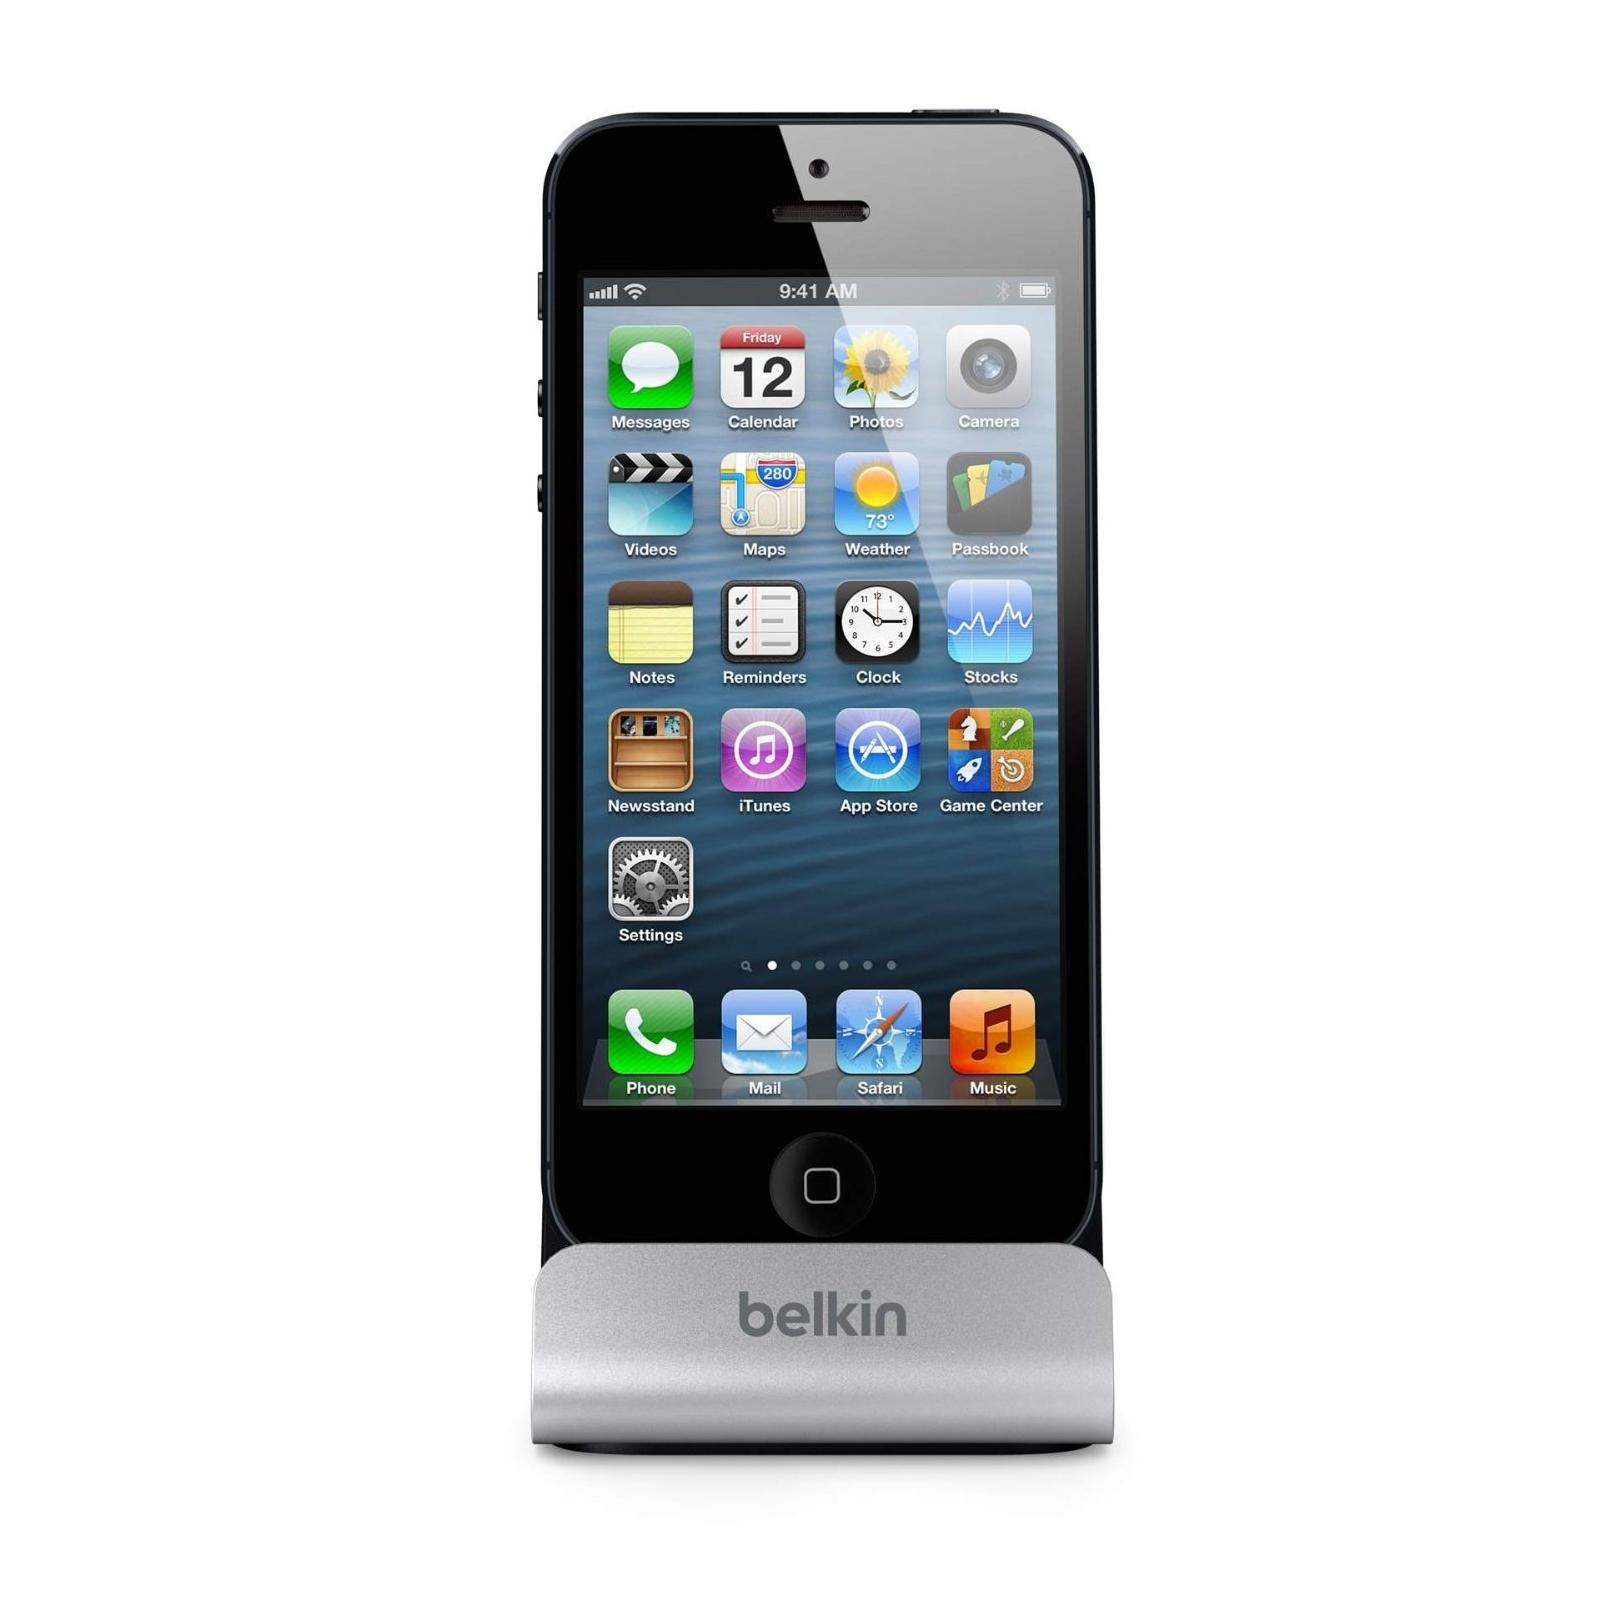 Док-станция Belkin Charge+Sync MIXIT iPhone 5 Dock (F8J045bt) изображение 7